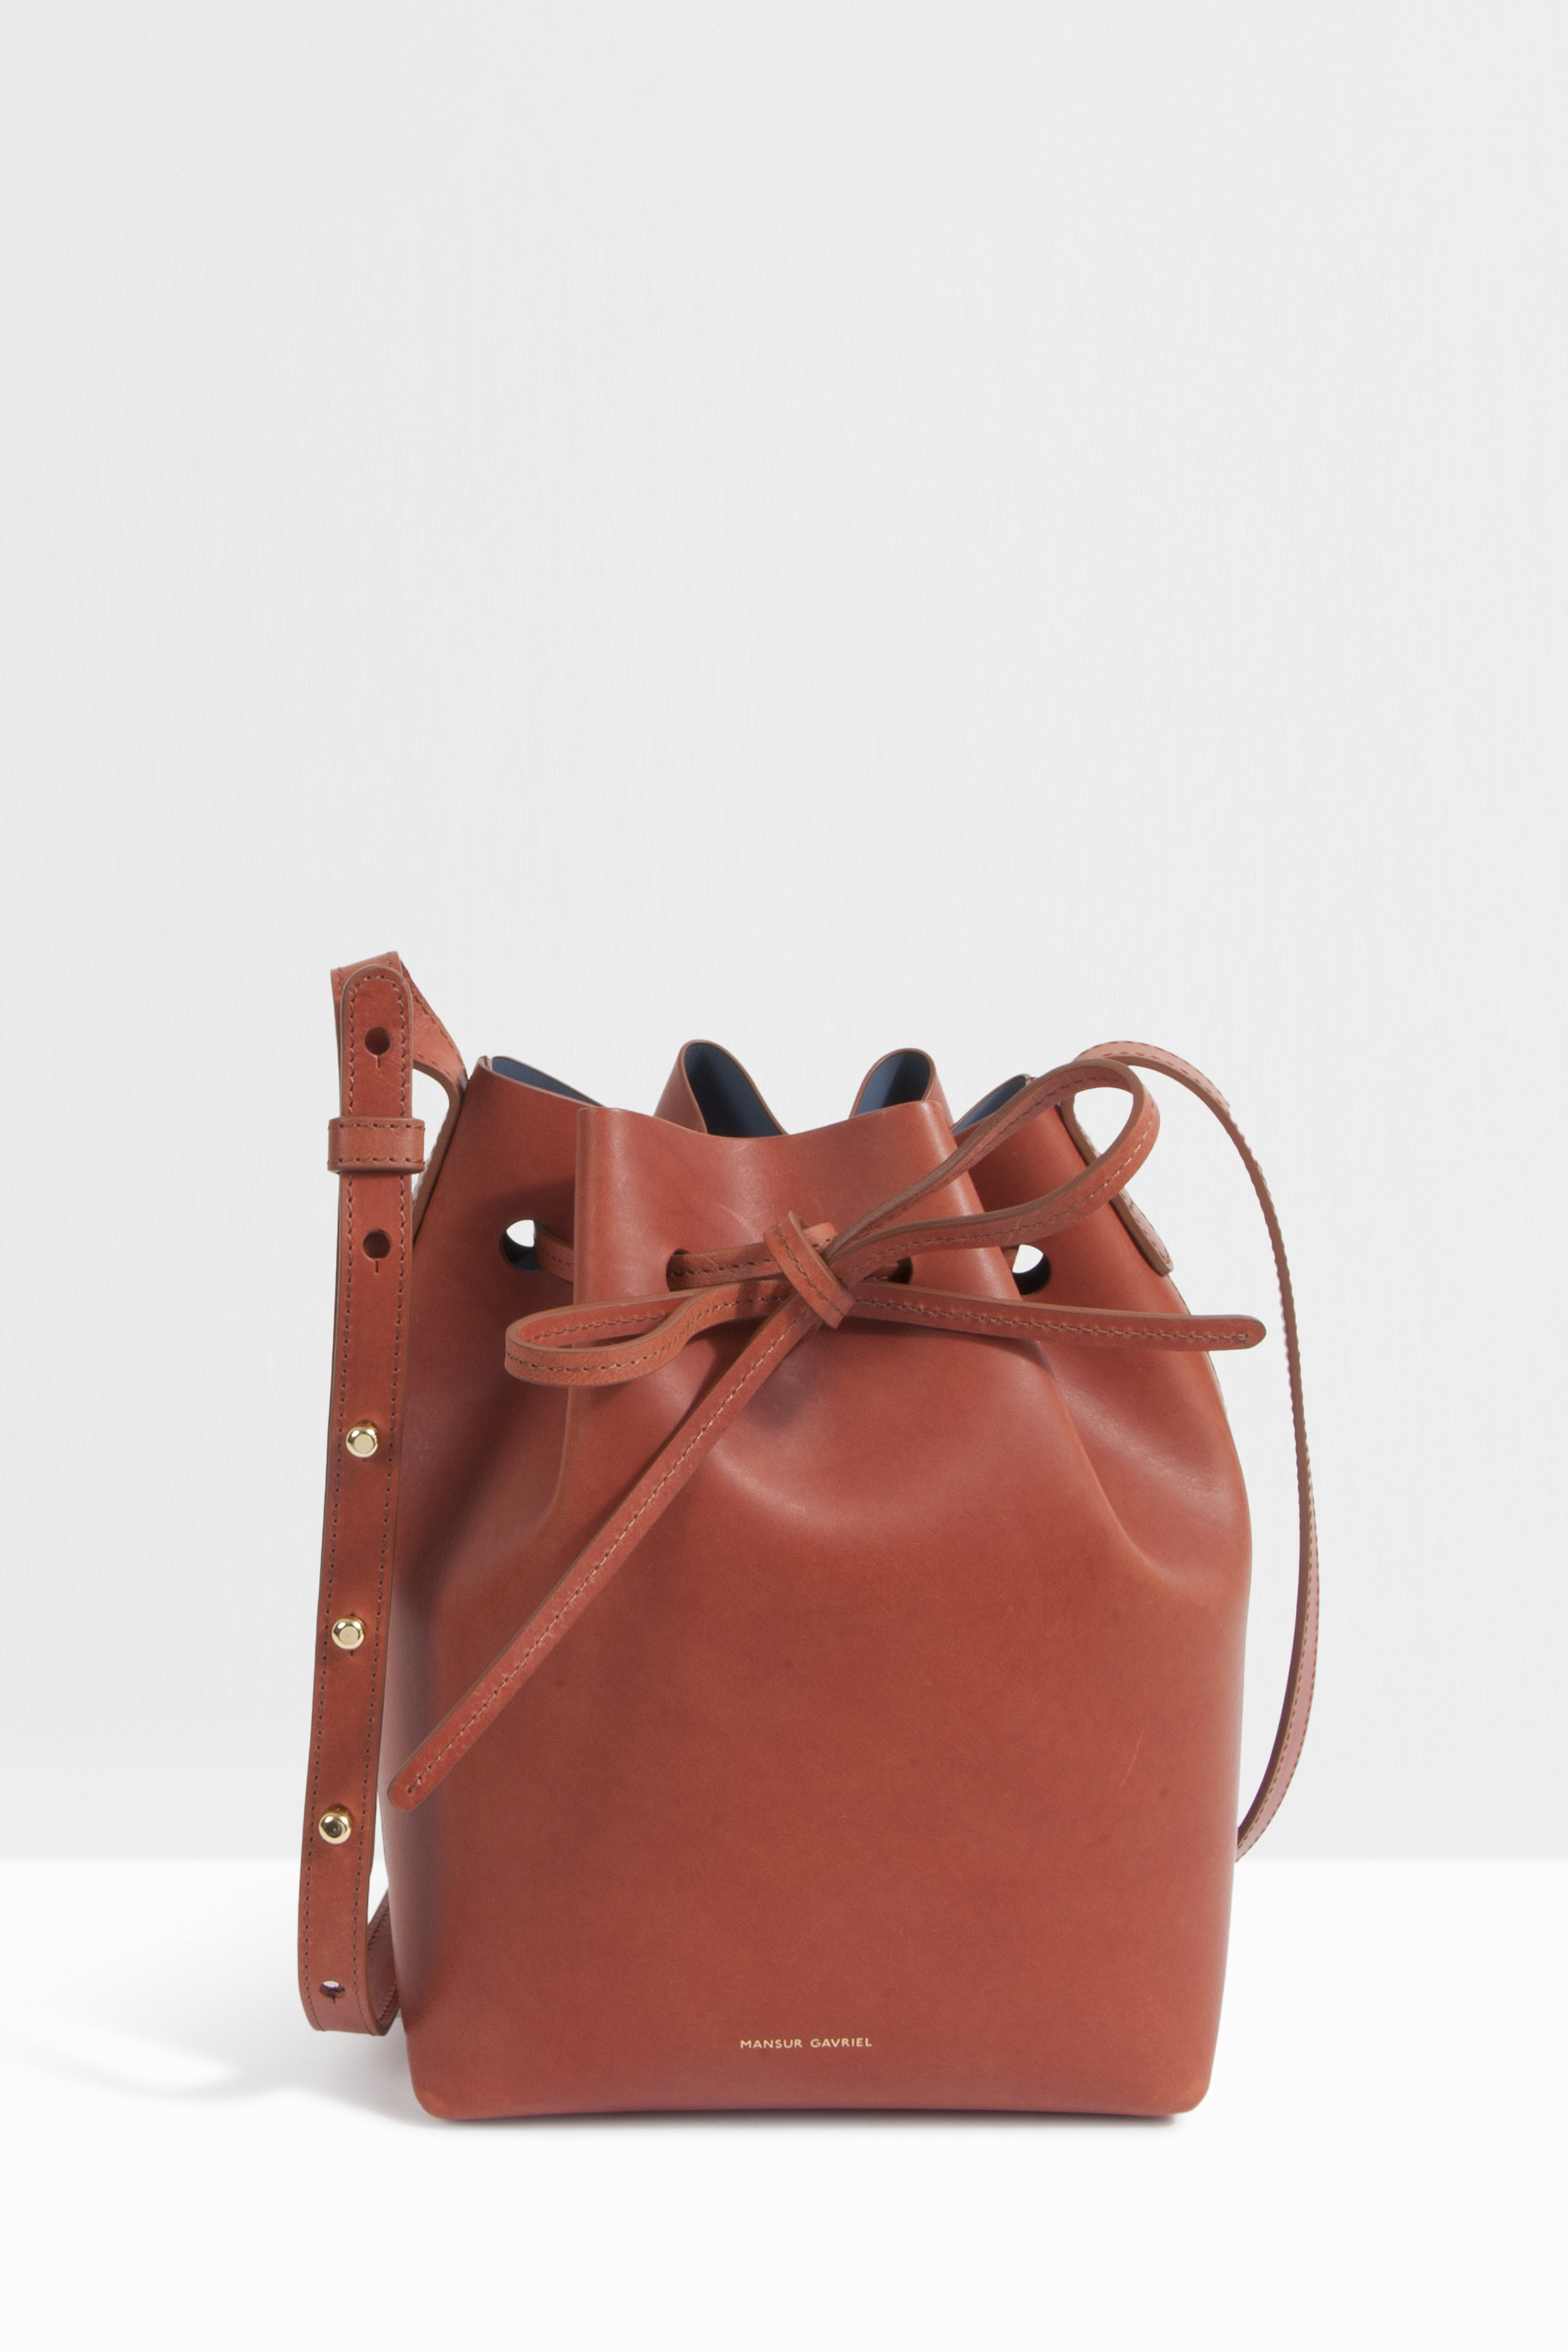 mansur gavriel mini leather bucket bag in brown lyst. Black Bedroom Furniture Sets. Home Design Ideas